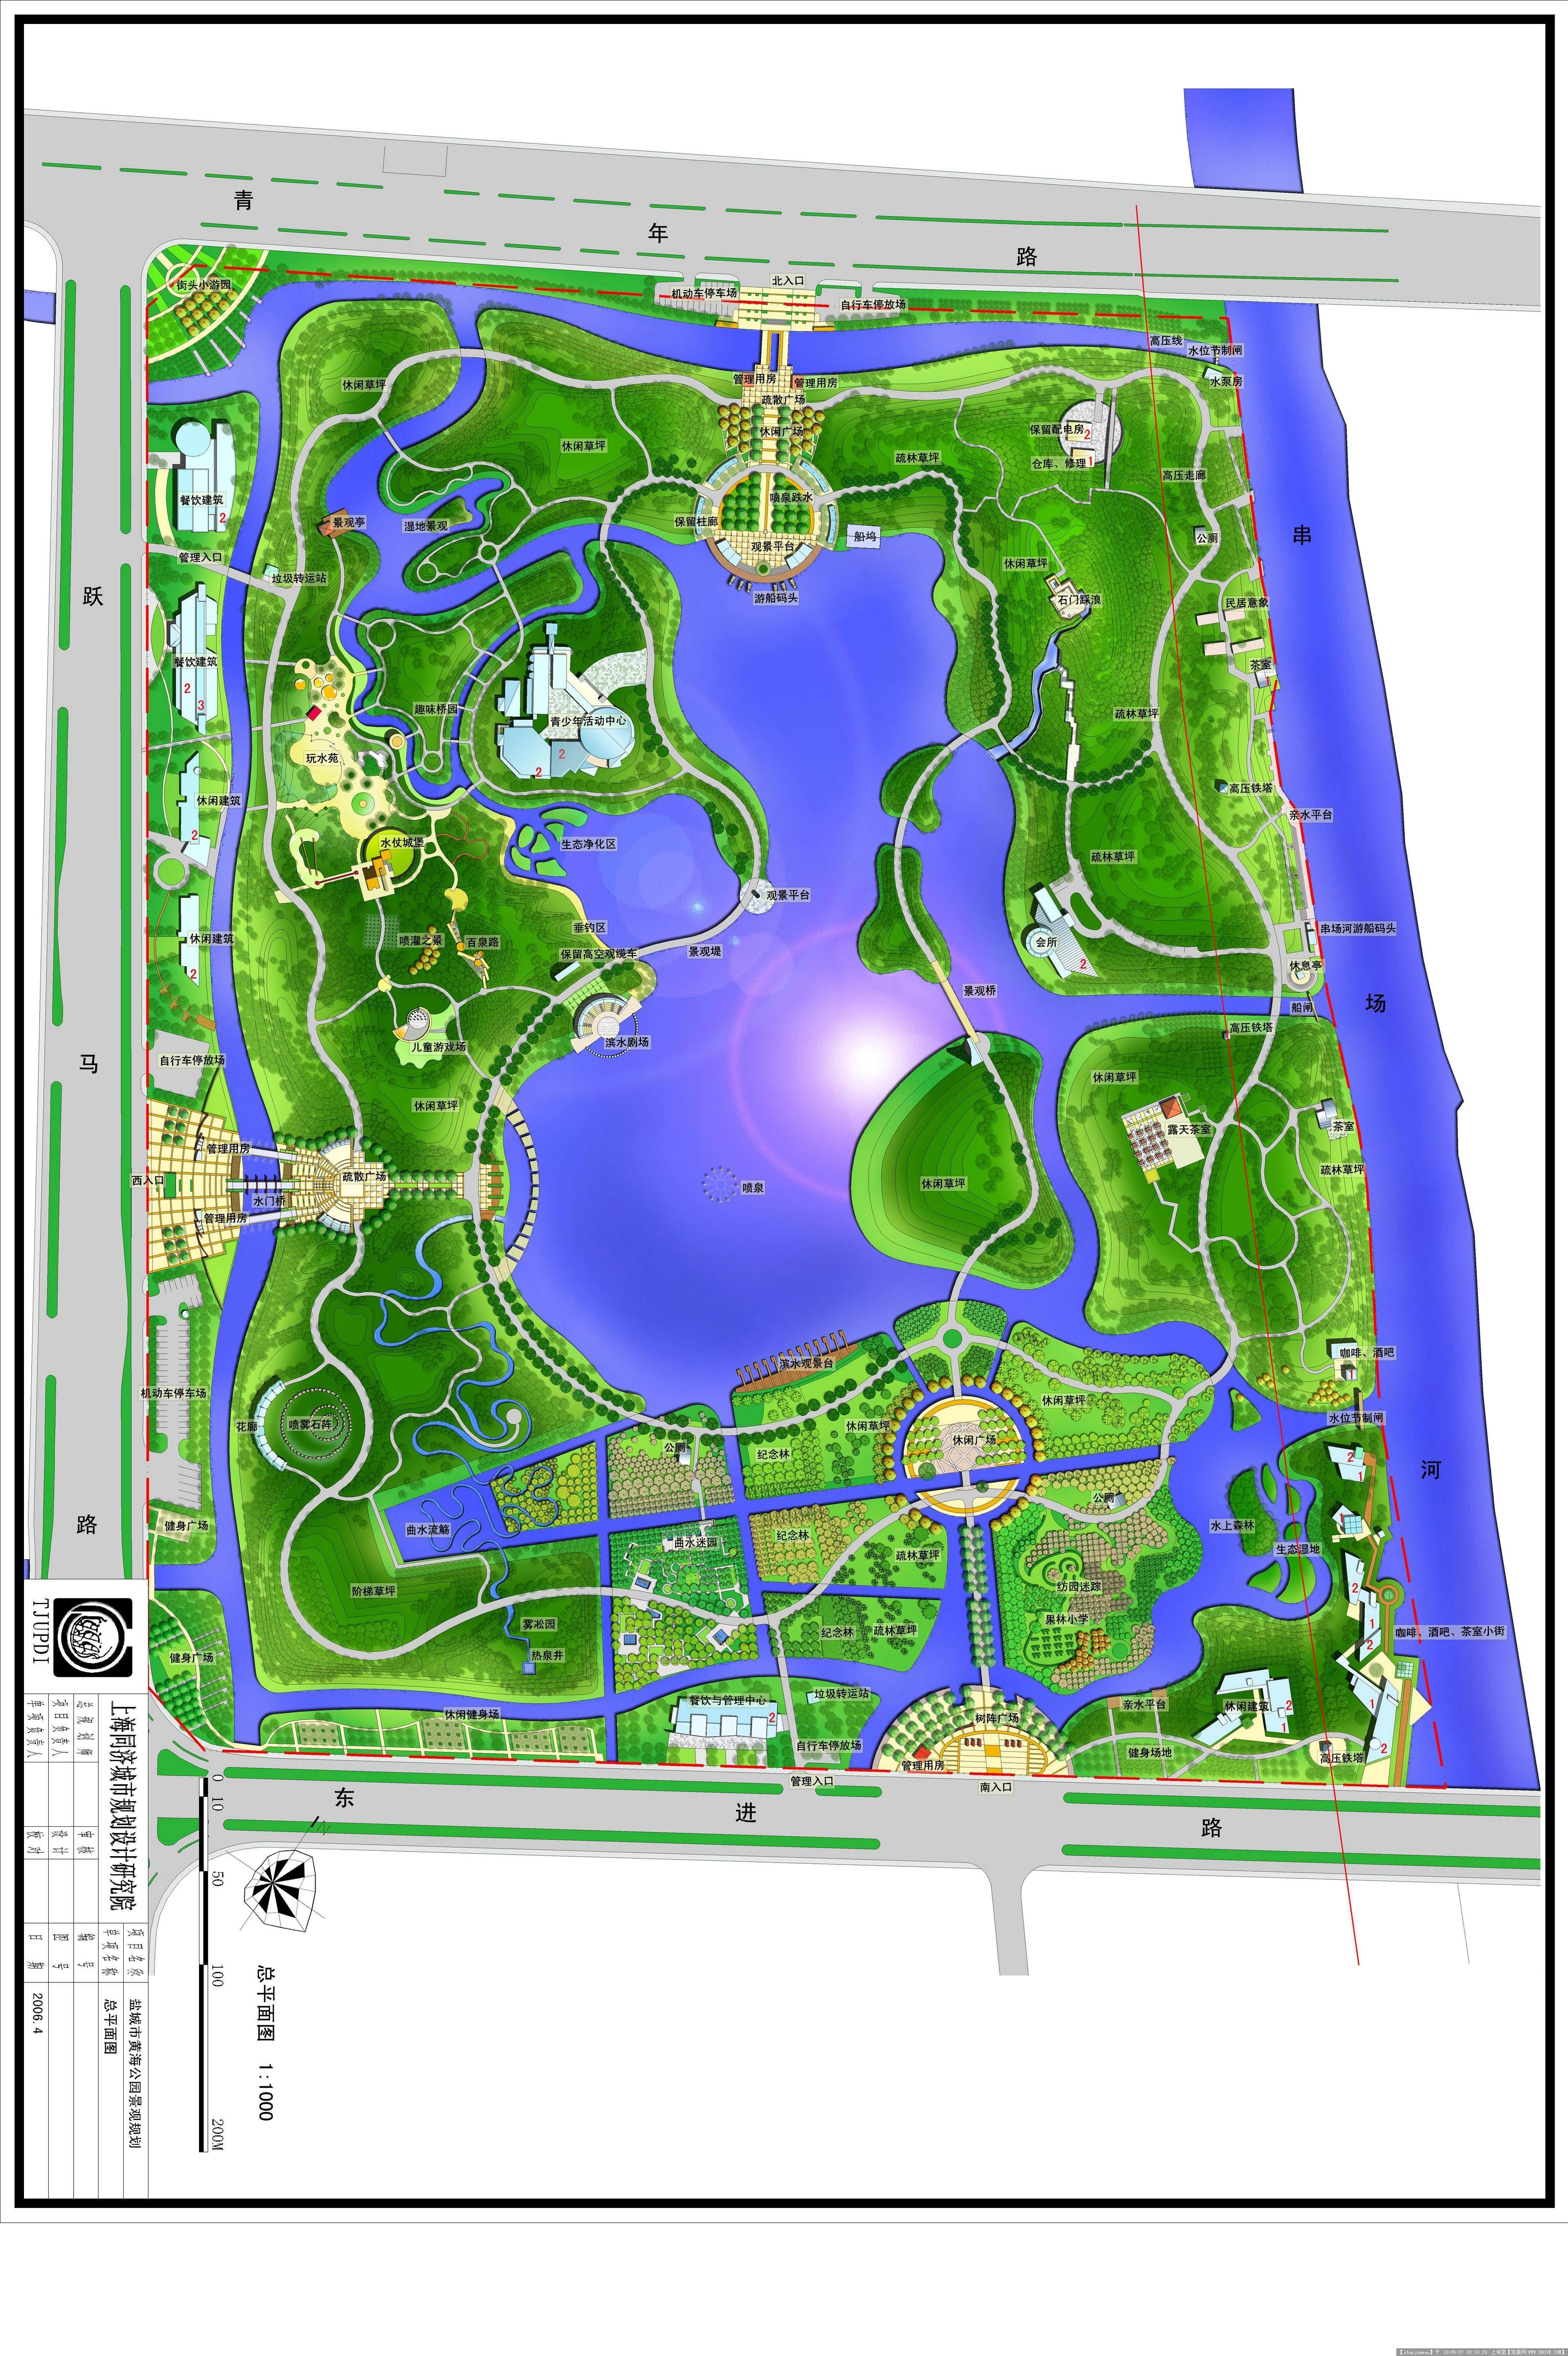 公园局部平面图_公园平面设计图-室内平面设计图怎么画_公园座椅_公园景观设计 ...